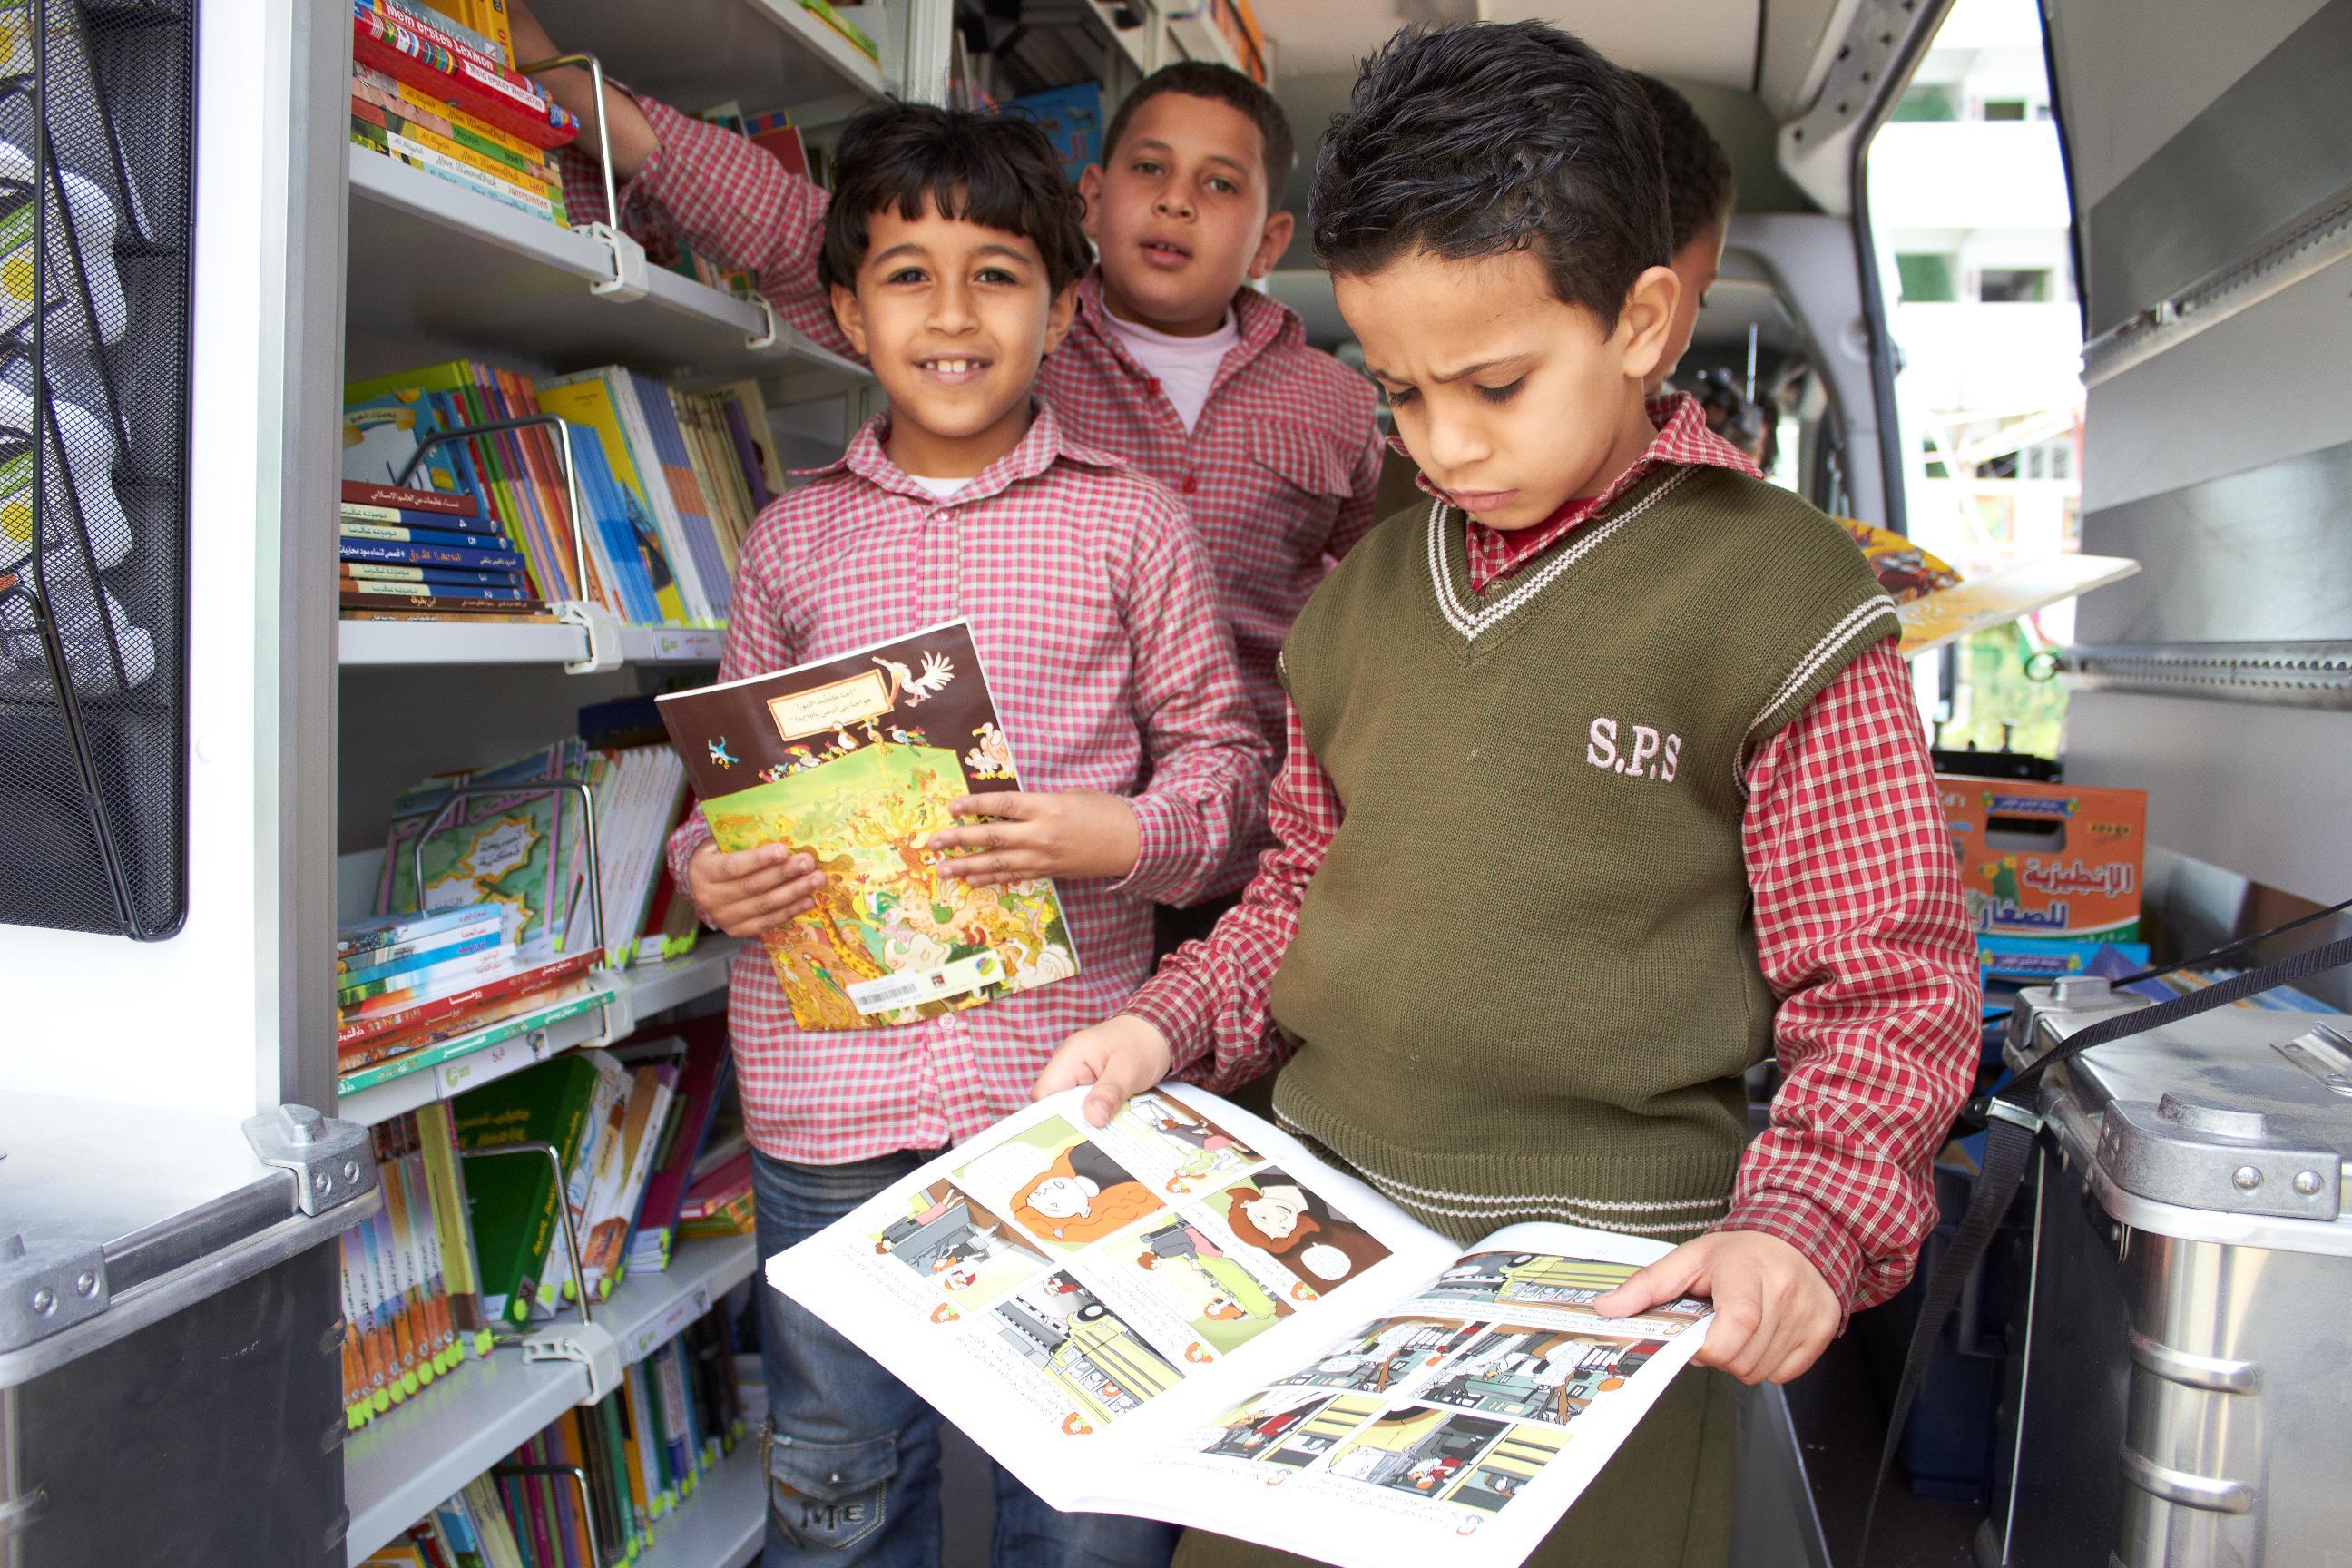 Ägypten: Bibliotheksbus soll Lust auf Lesen wecken